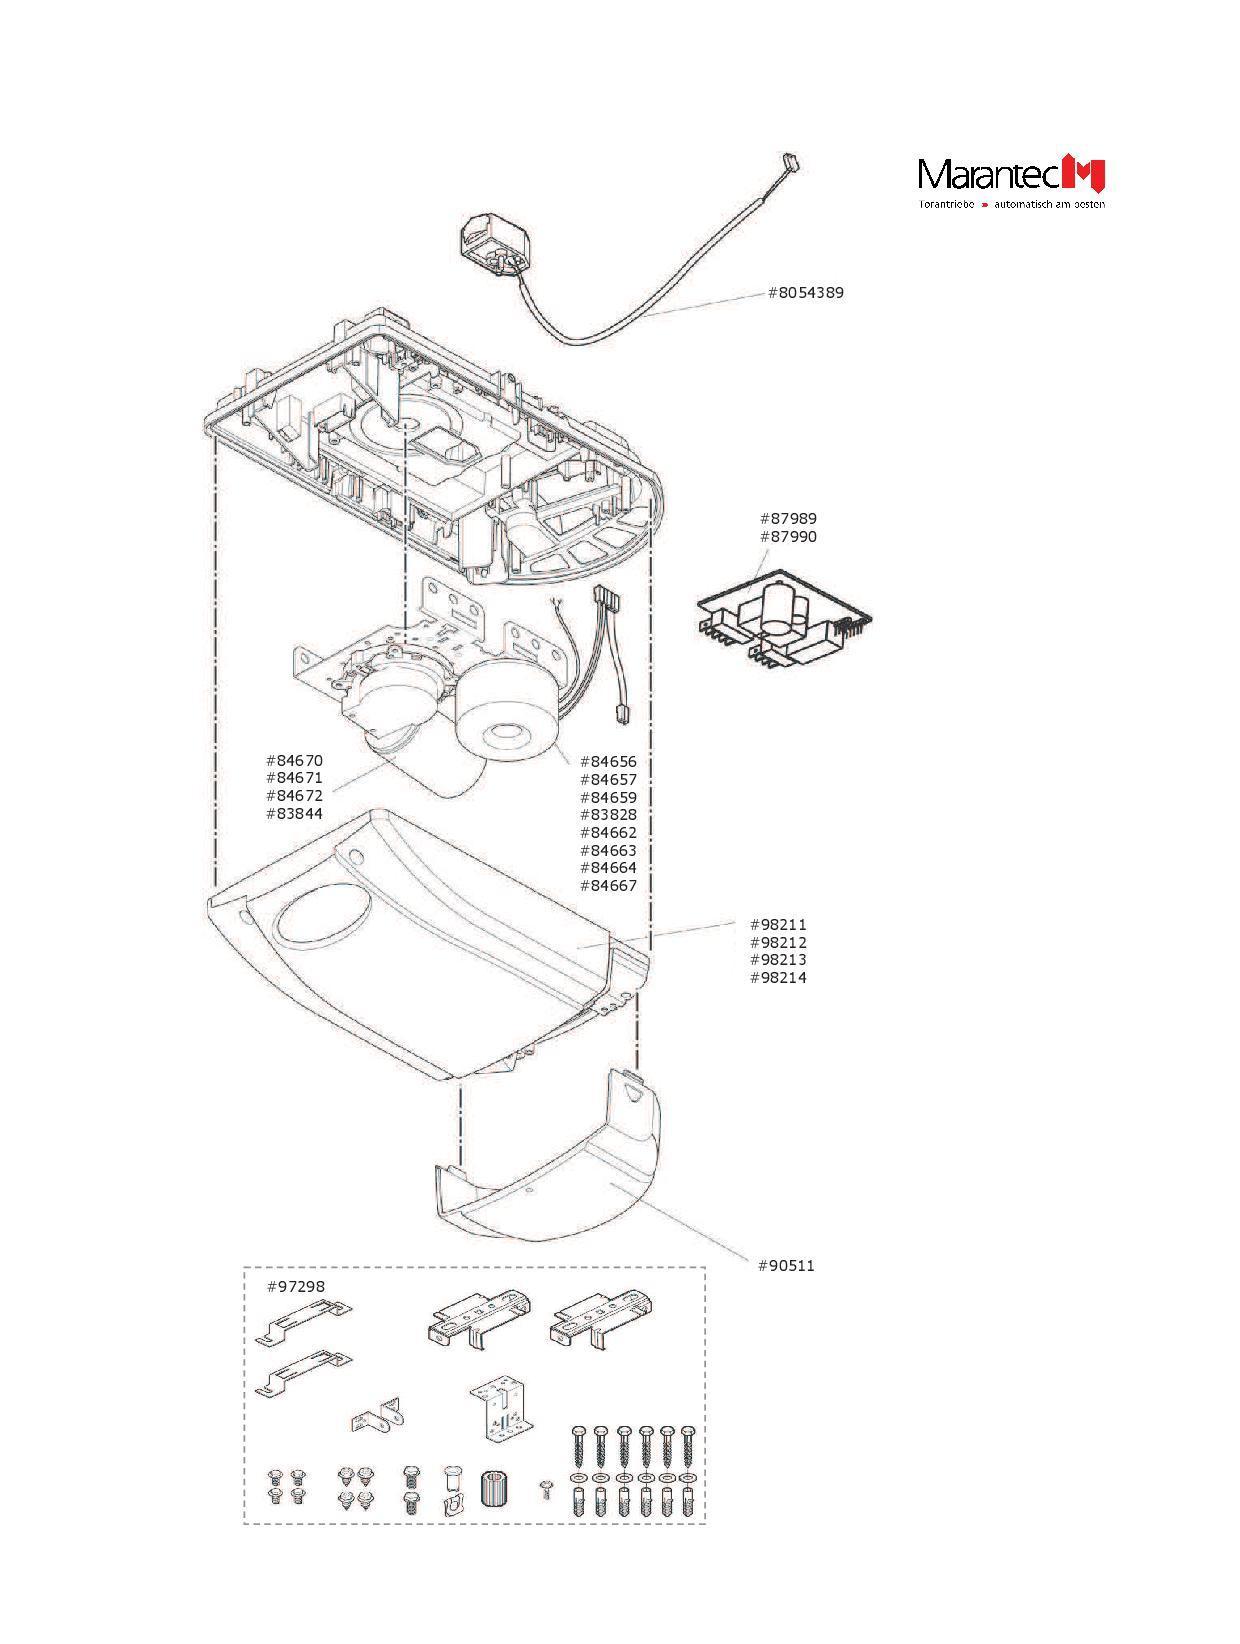 Marantec Ersatzteil Trafo Comfort 250 2 Gb